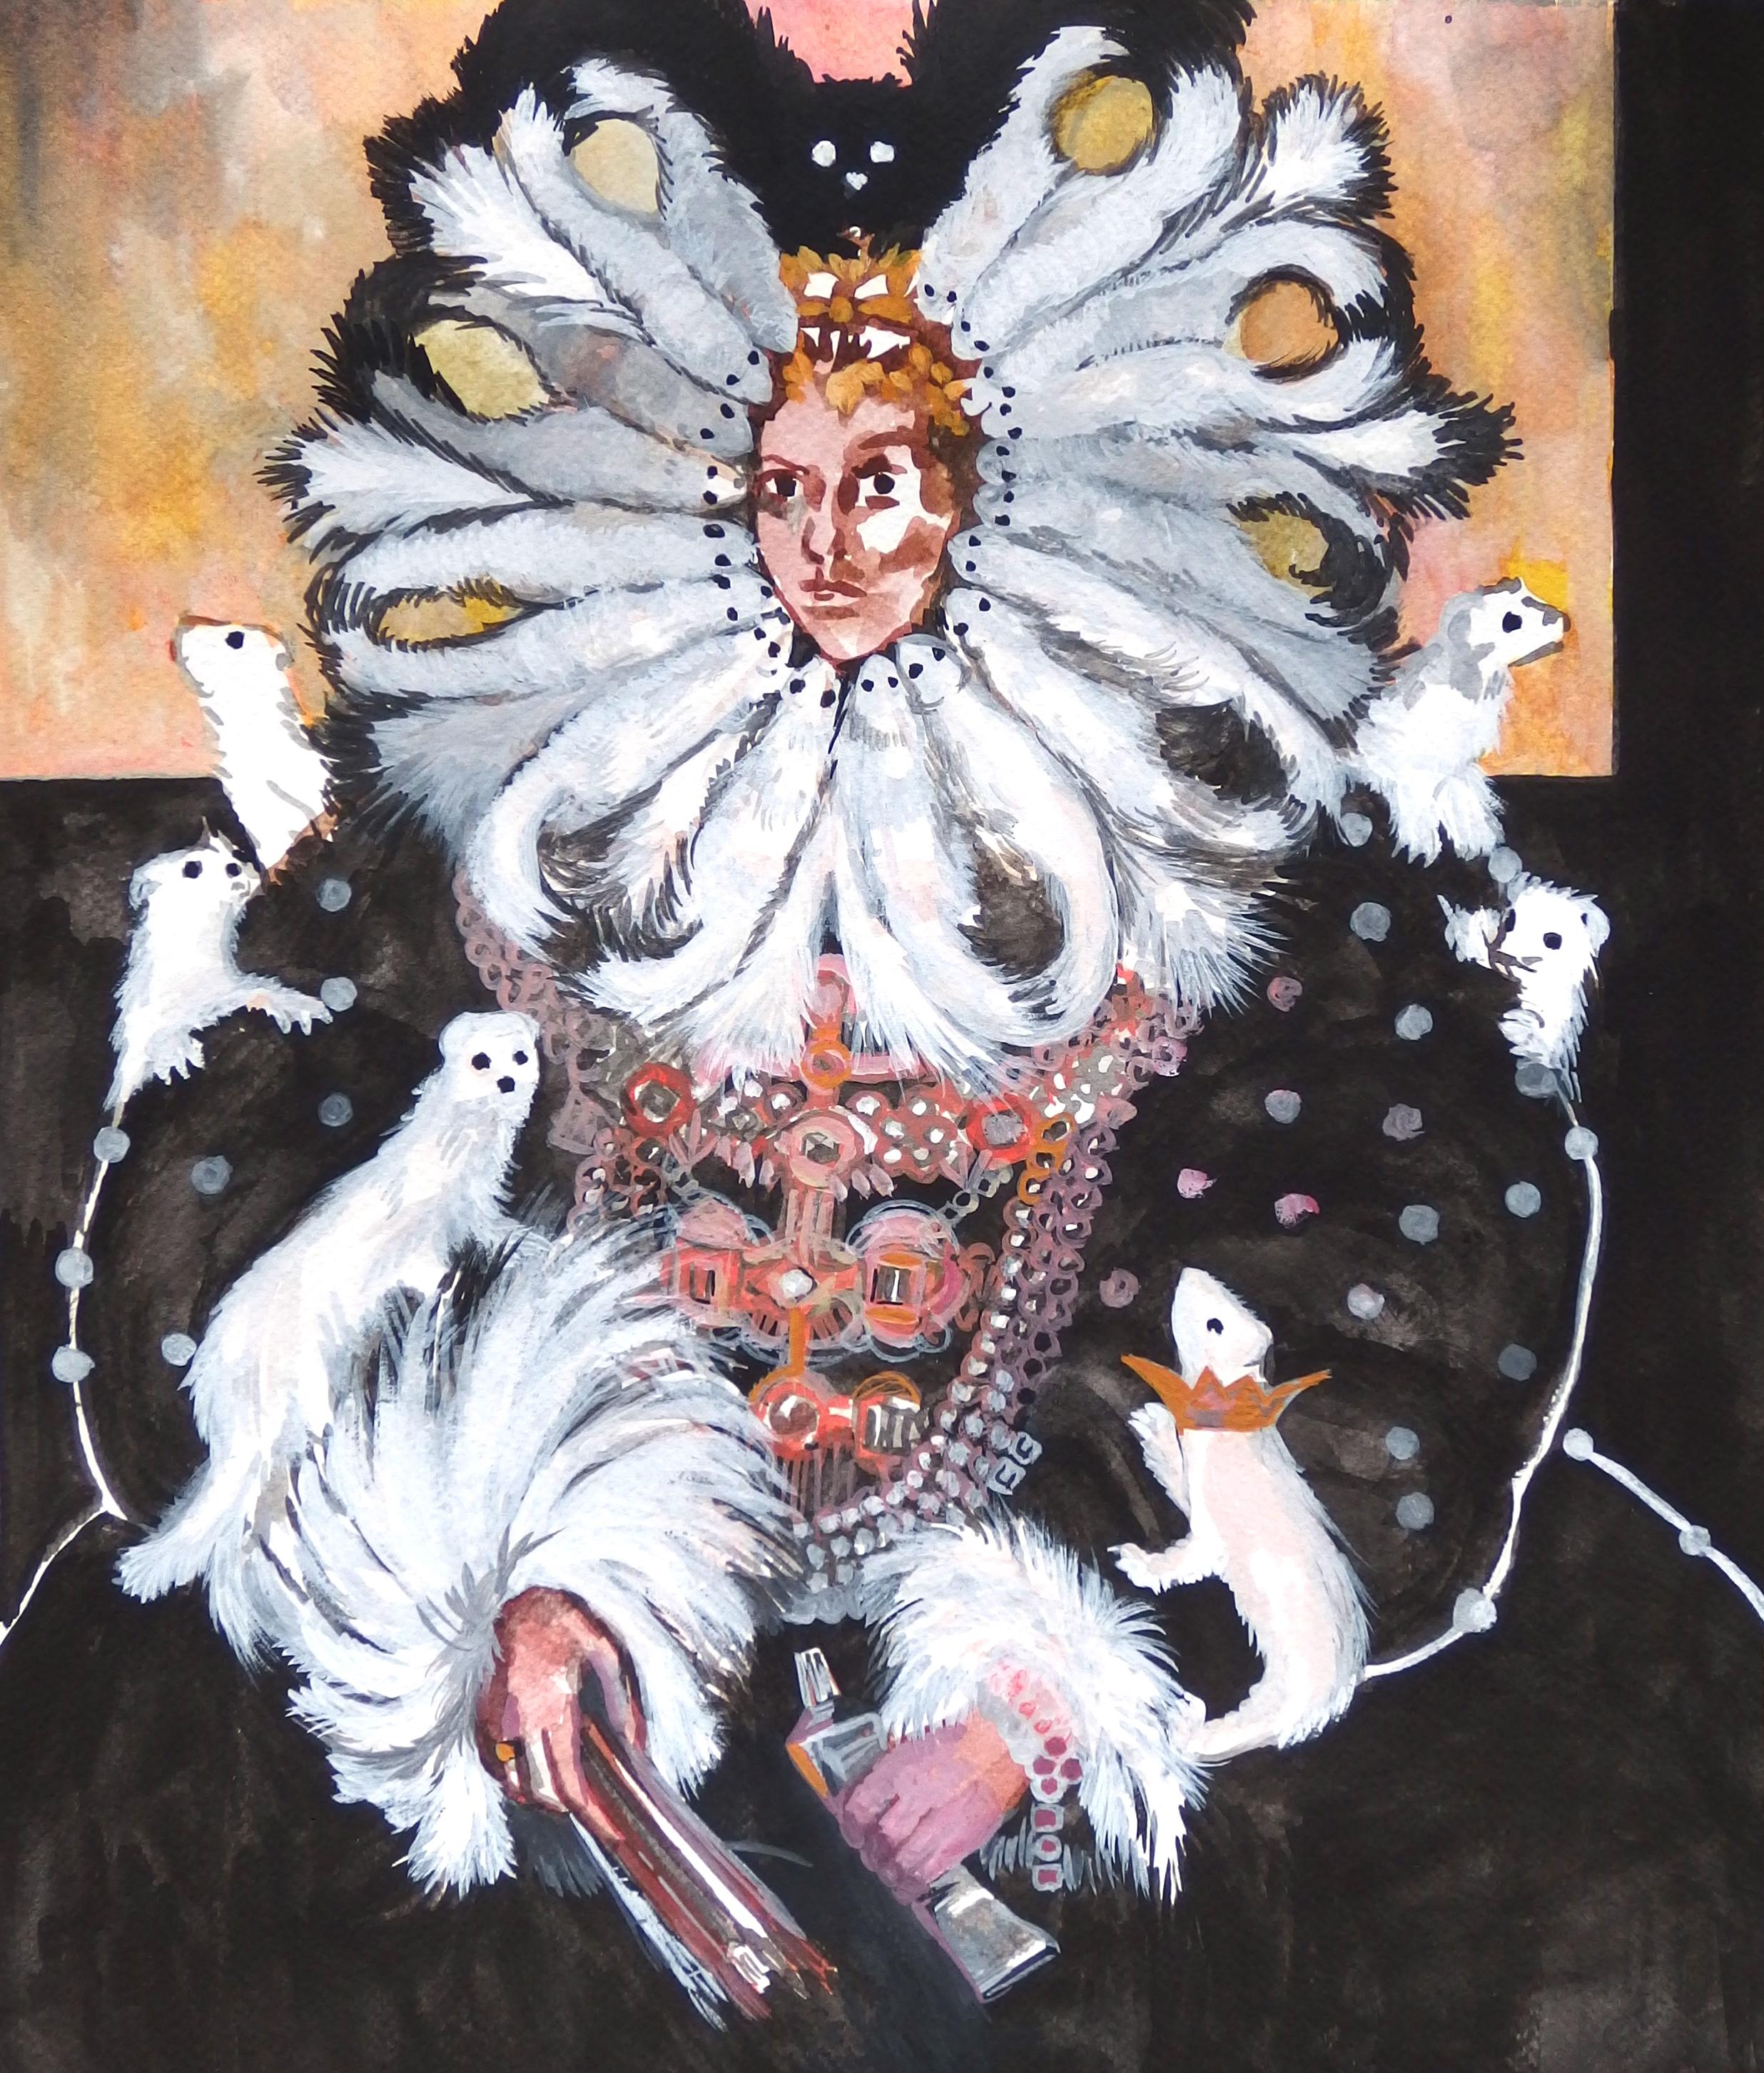 Pola Dwurnik, Królowa malarstwa złasiczkami, 2014, gwasz napapierze